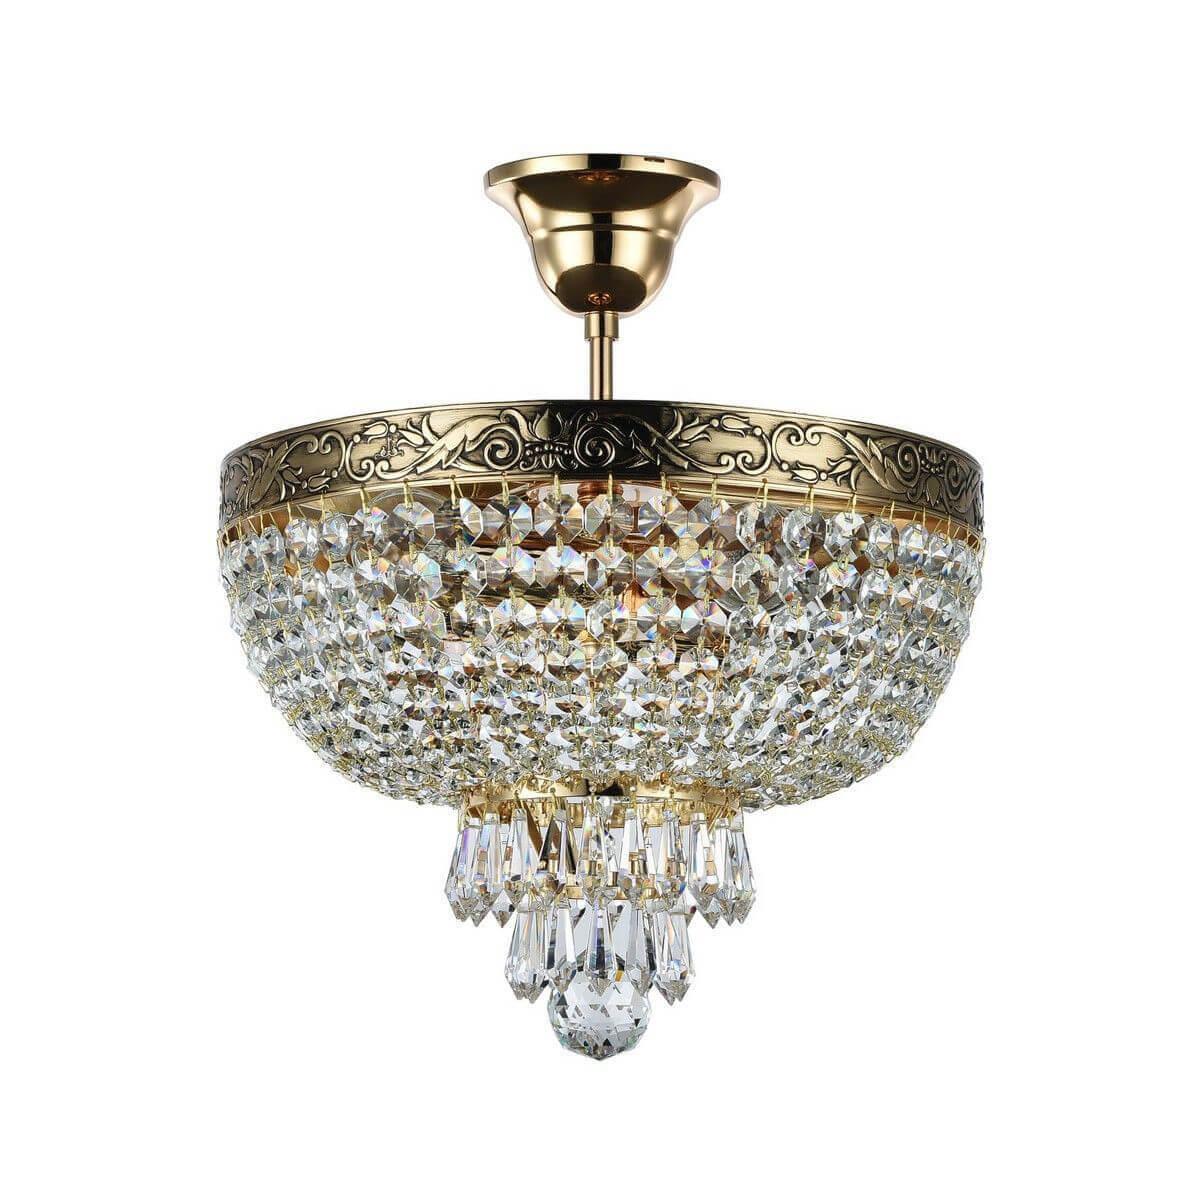 Потолочный светильник Maytoni Palace DIA890-CL-04-G